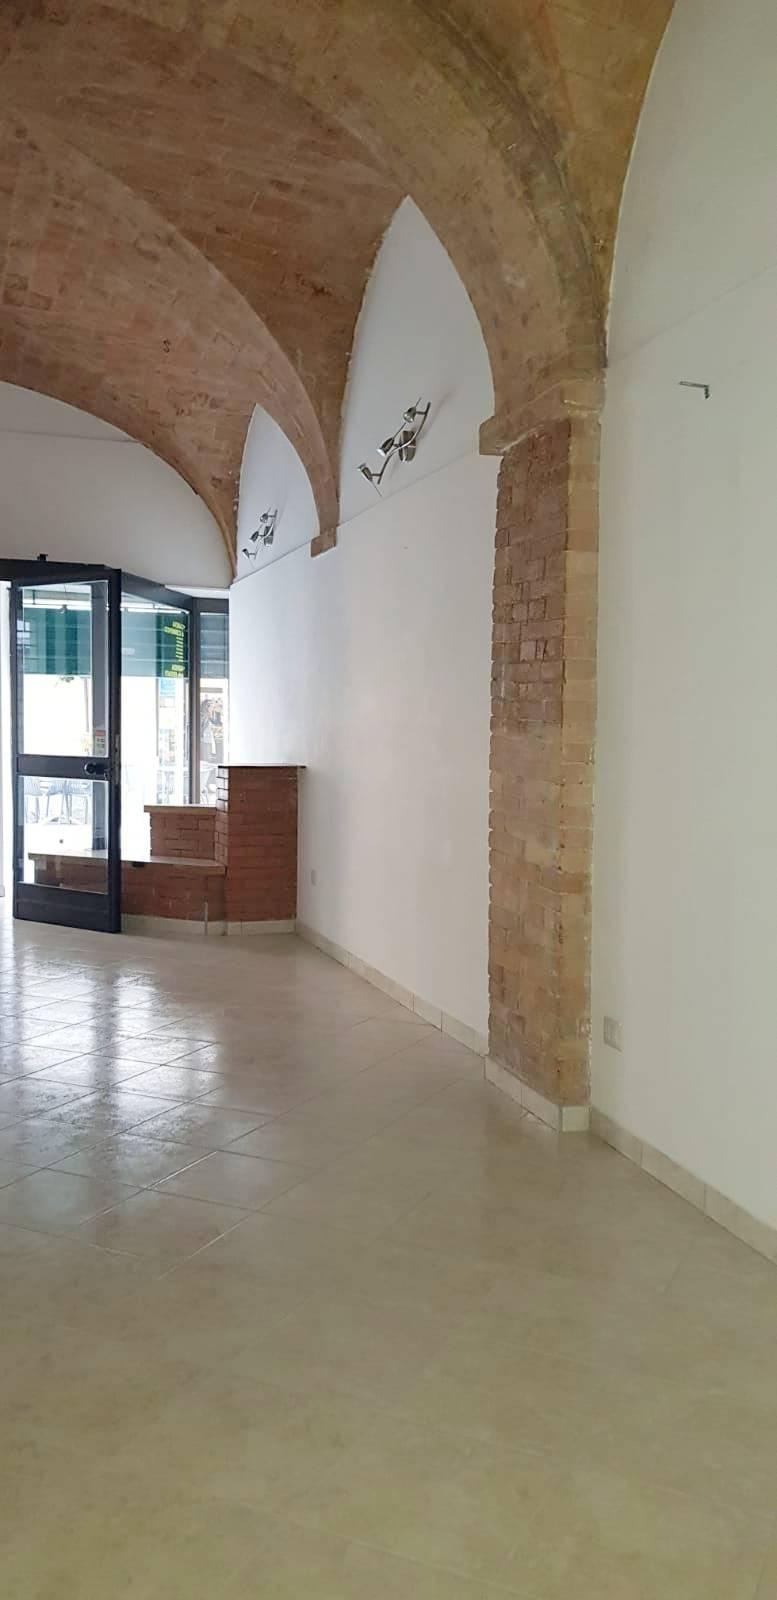 Fondo commerciale in affitto a Ascoli Piceno (AP)